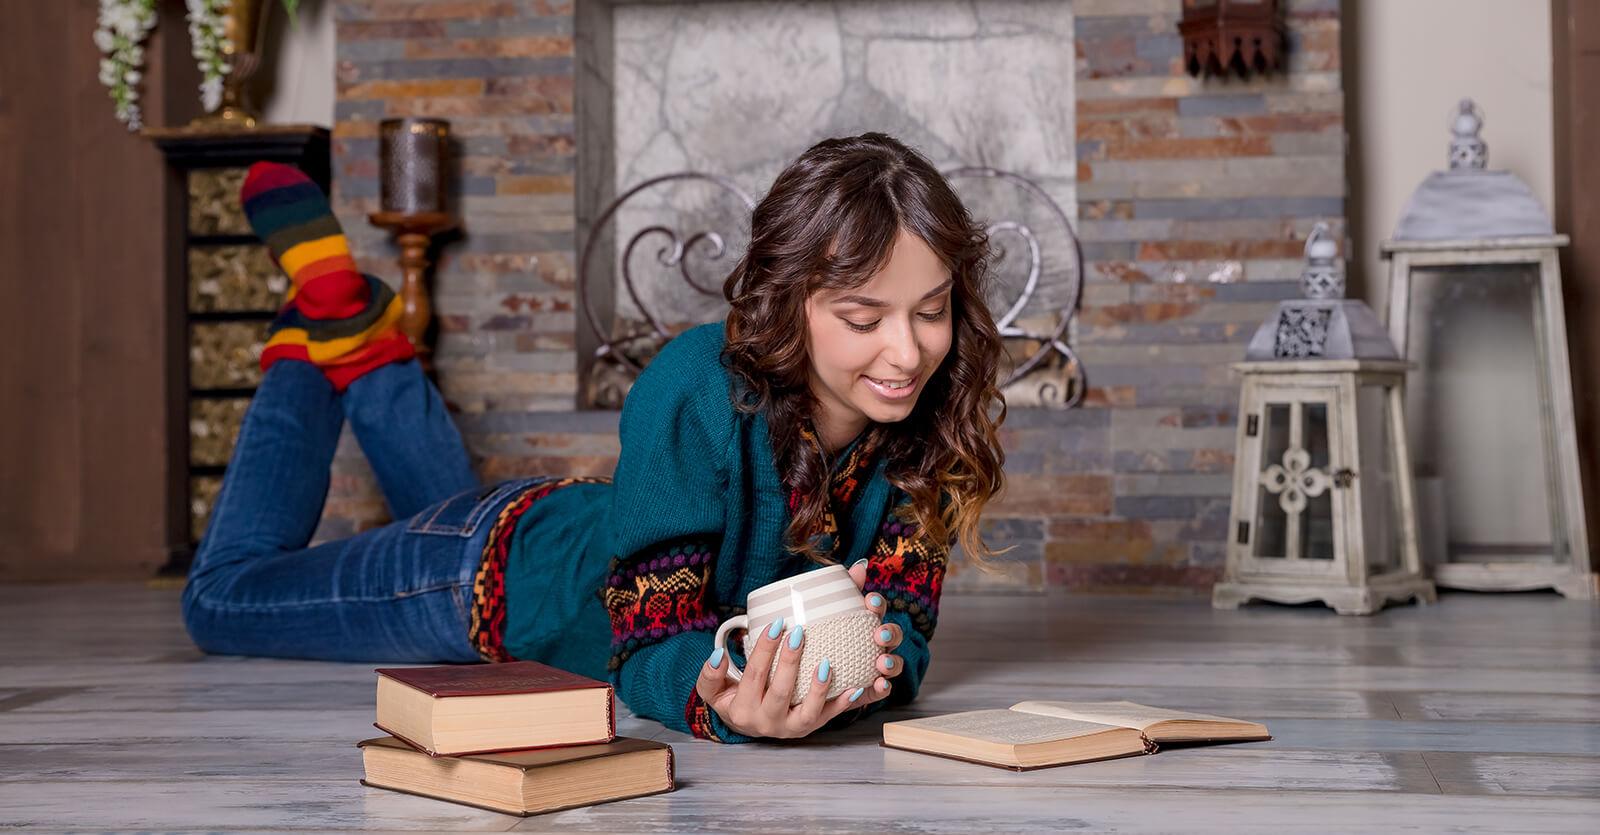 Frau liest auf Fußboden ein Buch